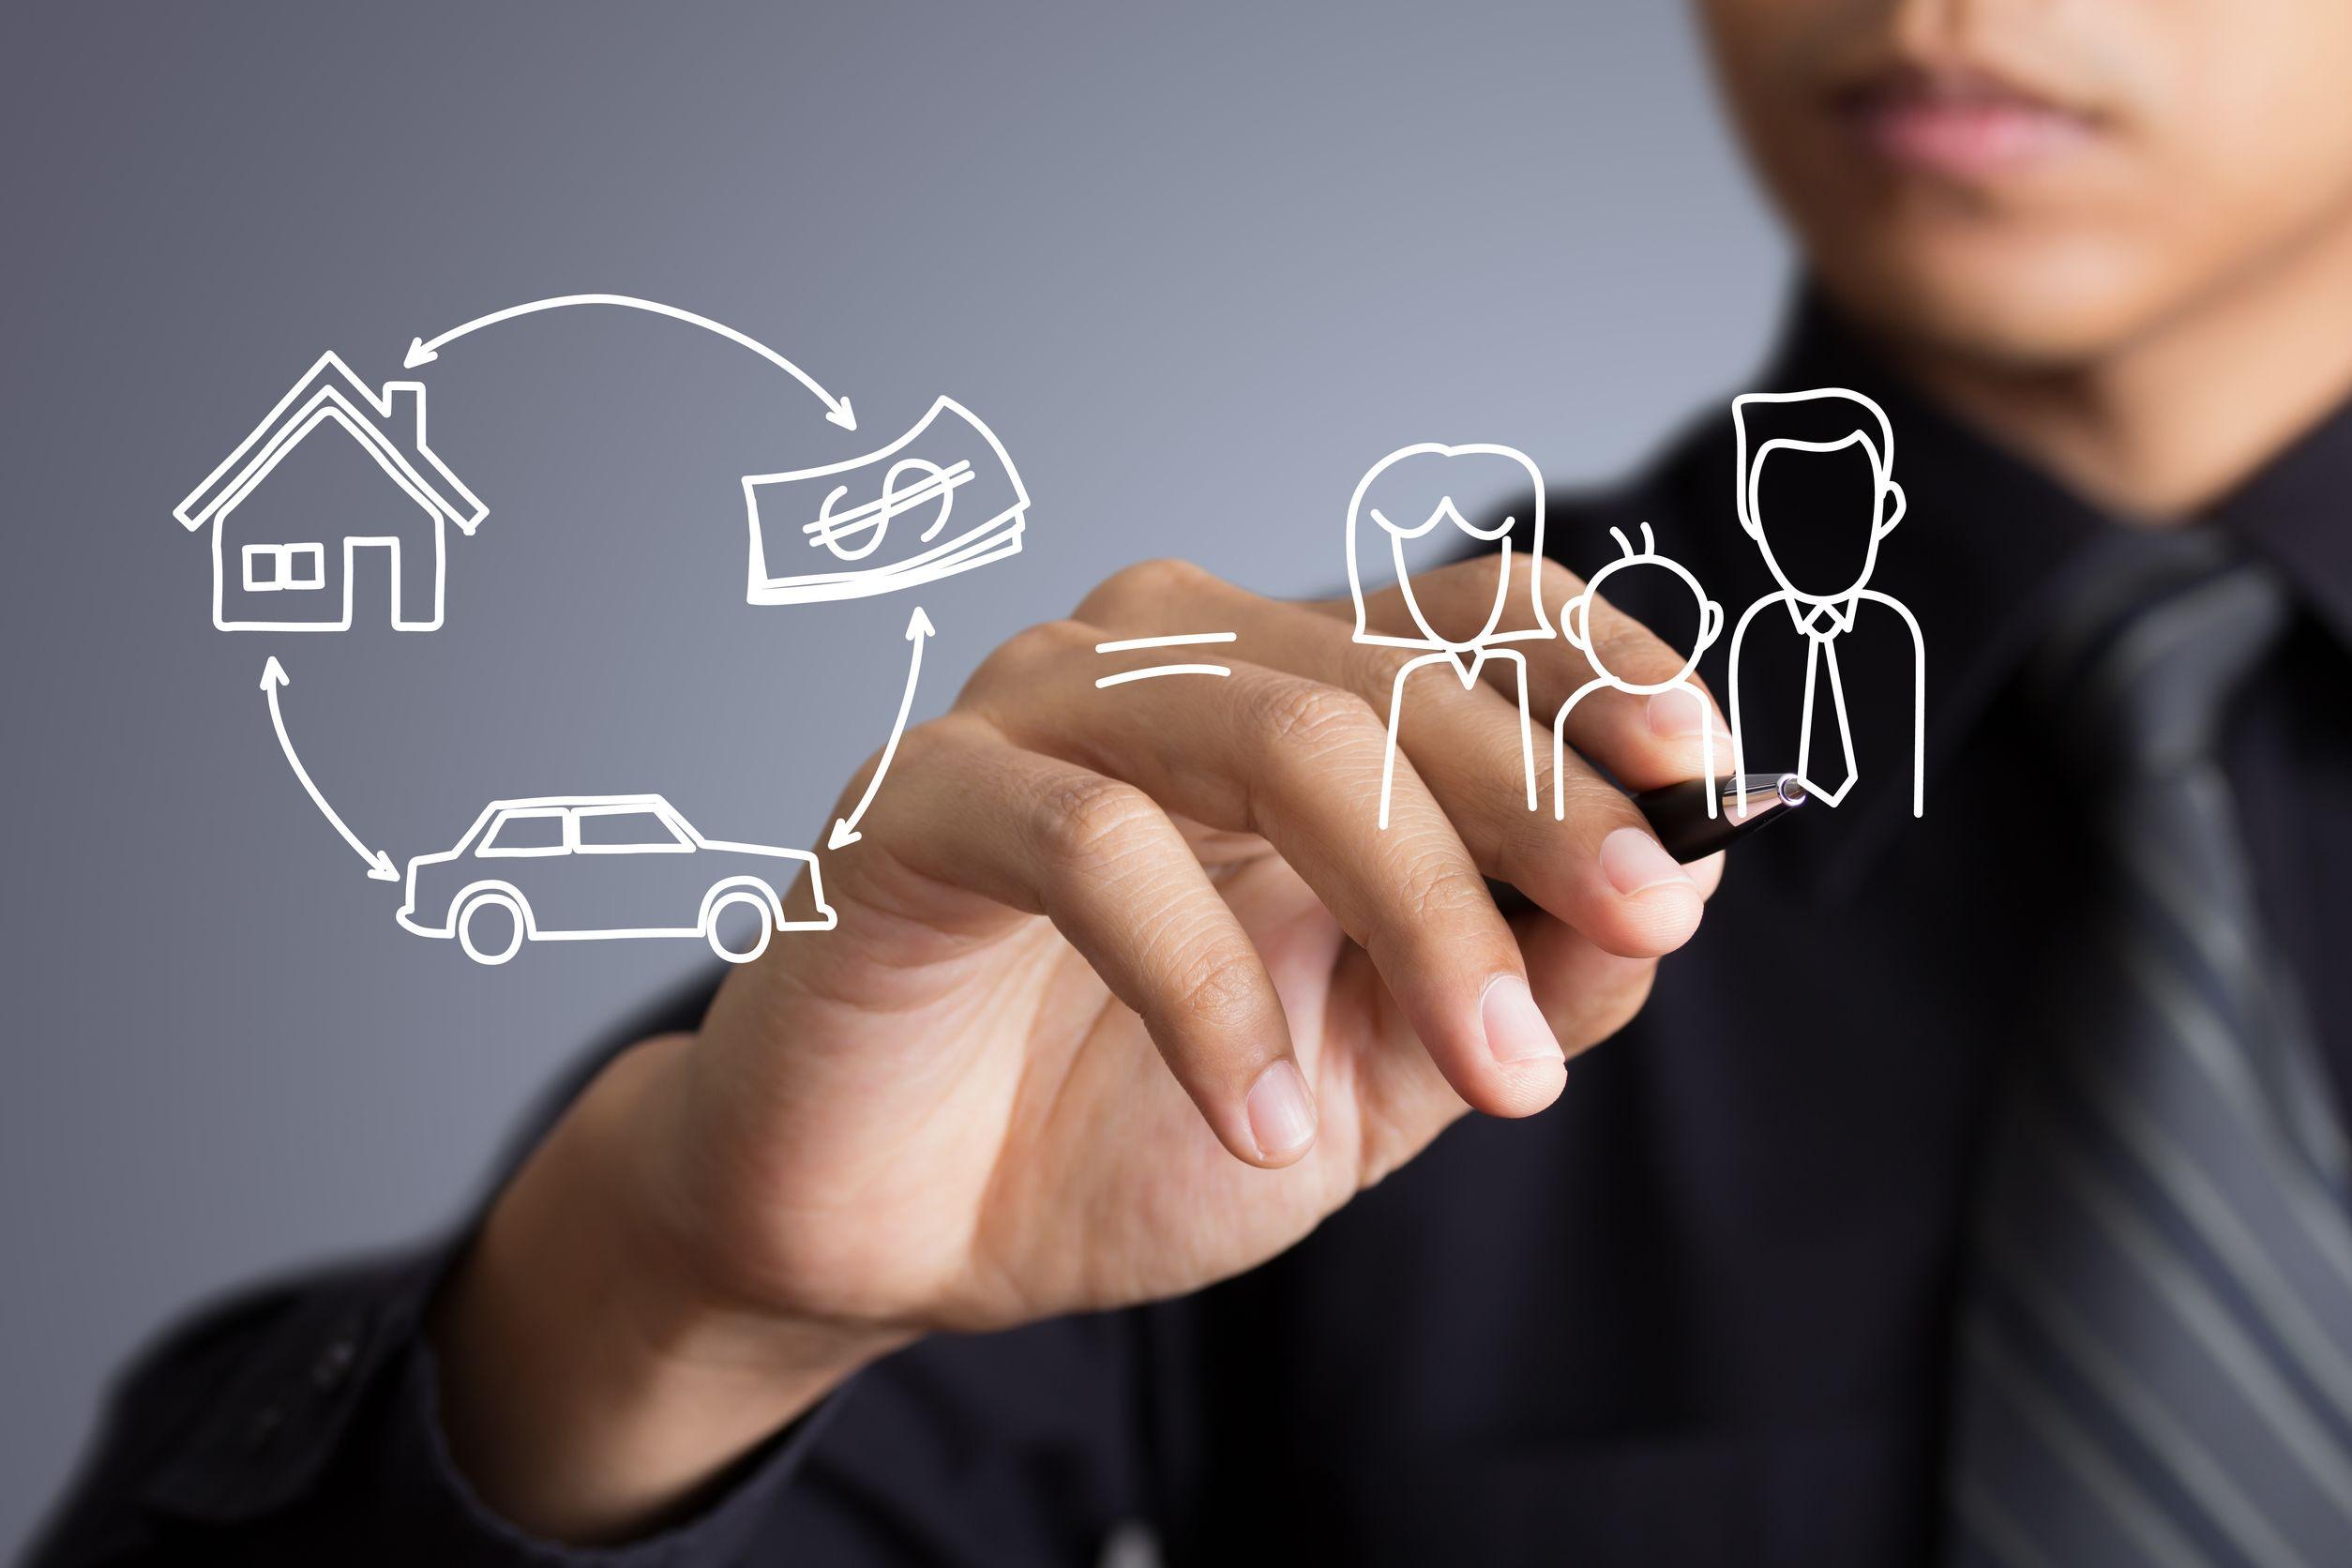 Assurance de prêt immobilier: faire des simulations